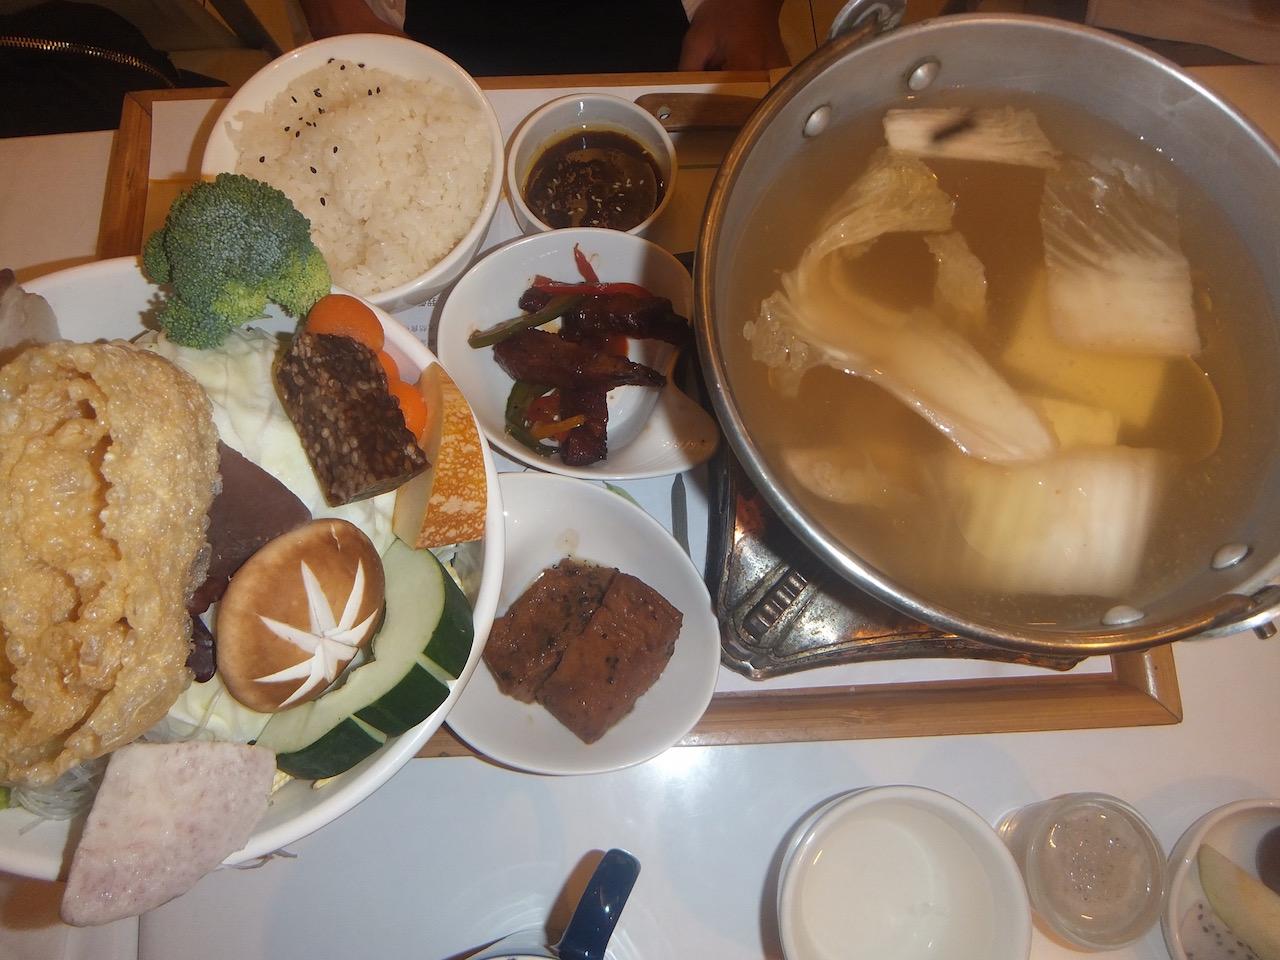 台東 http://www.lovinghut.com/portal/tw/aboutus.php?lang=_en